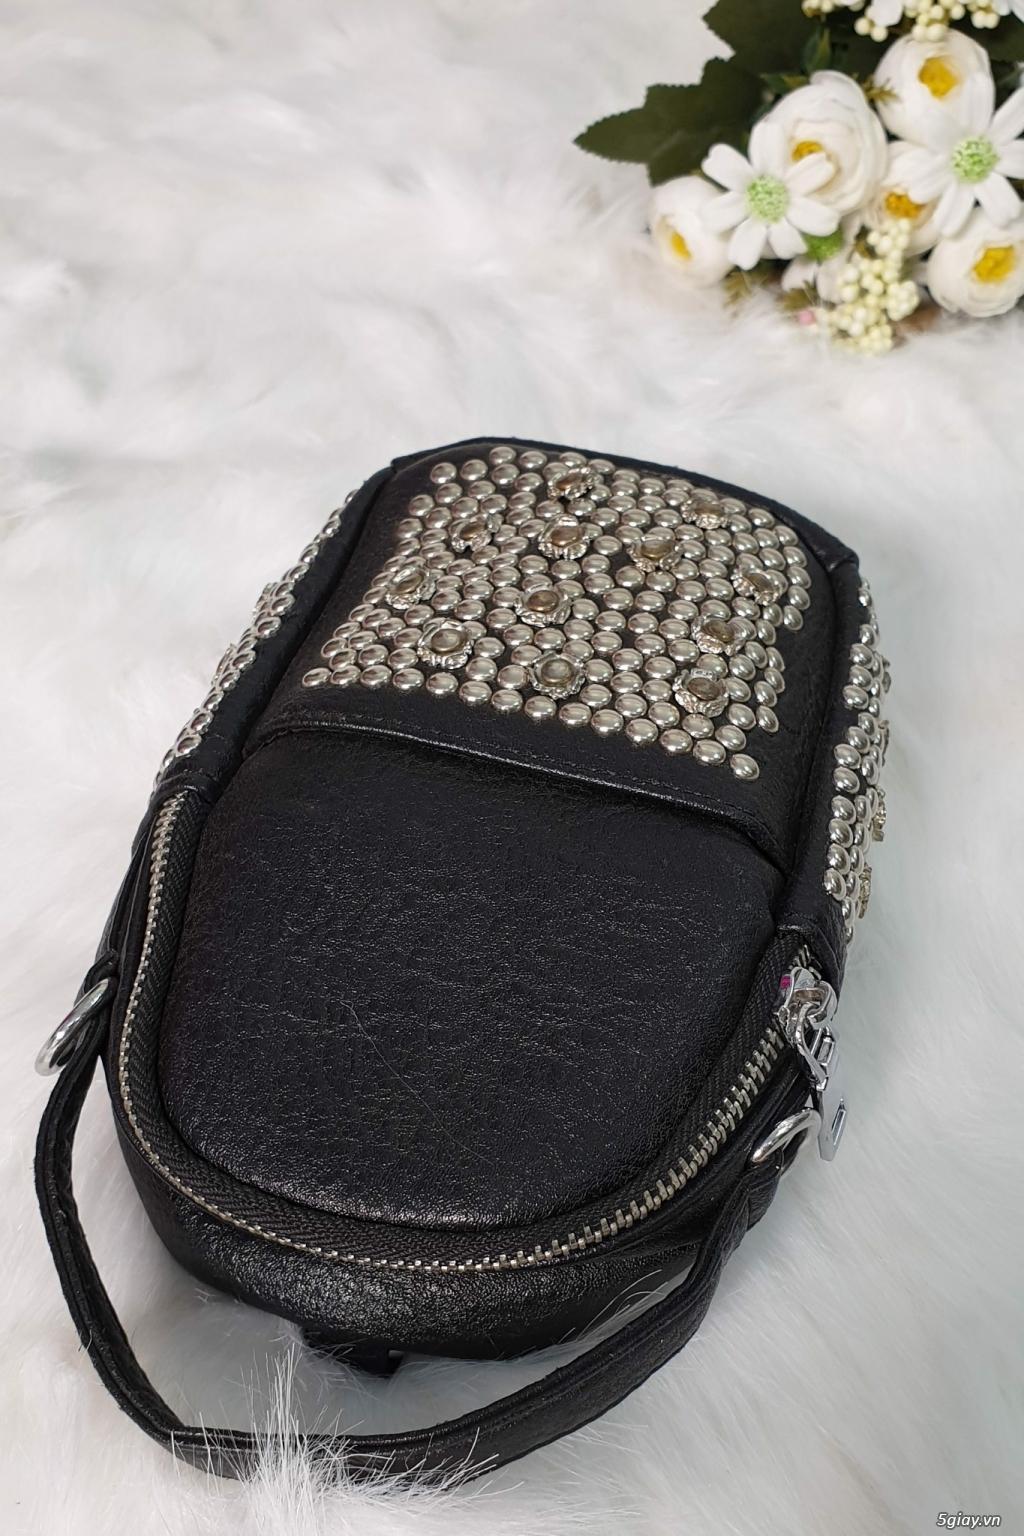 Wal House Fashion - Bóp ví túi xách thời trang - Giá ưu đãi - 9